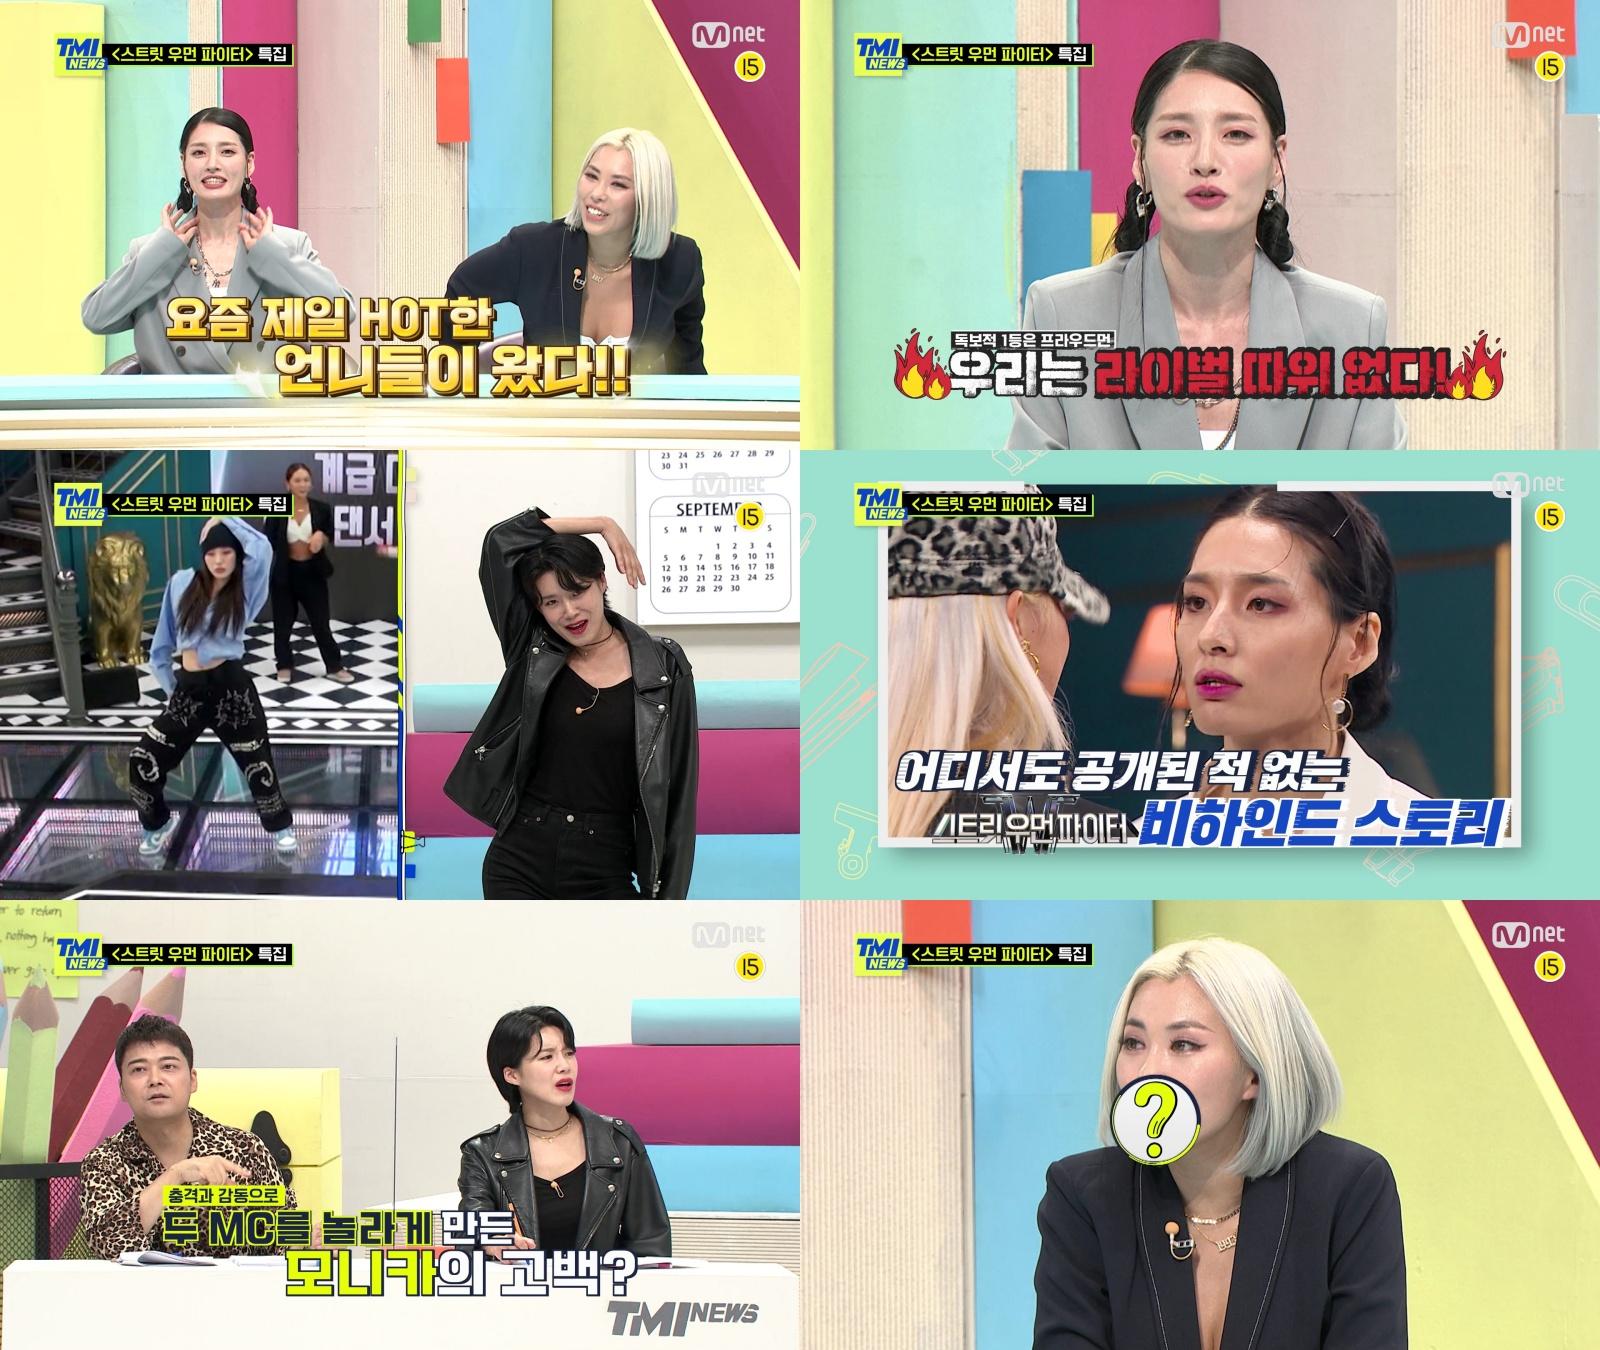 \'스우파\' 모니카·가비, \'TMI뉴스\' 출연 예고…배틀 뒷이야기 공개